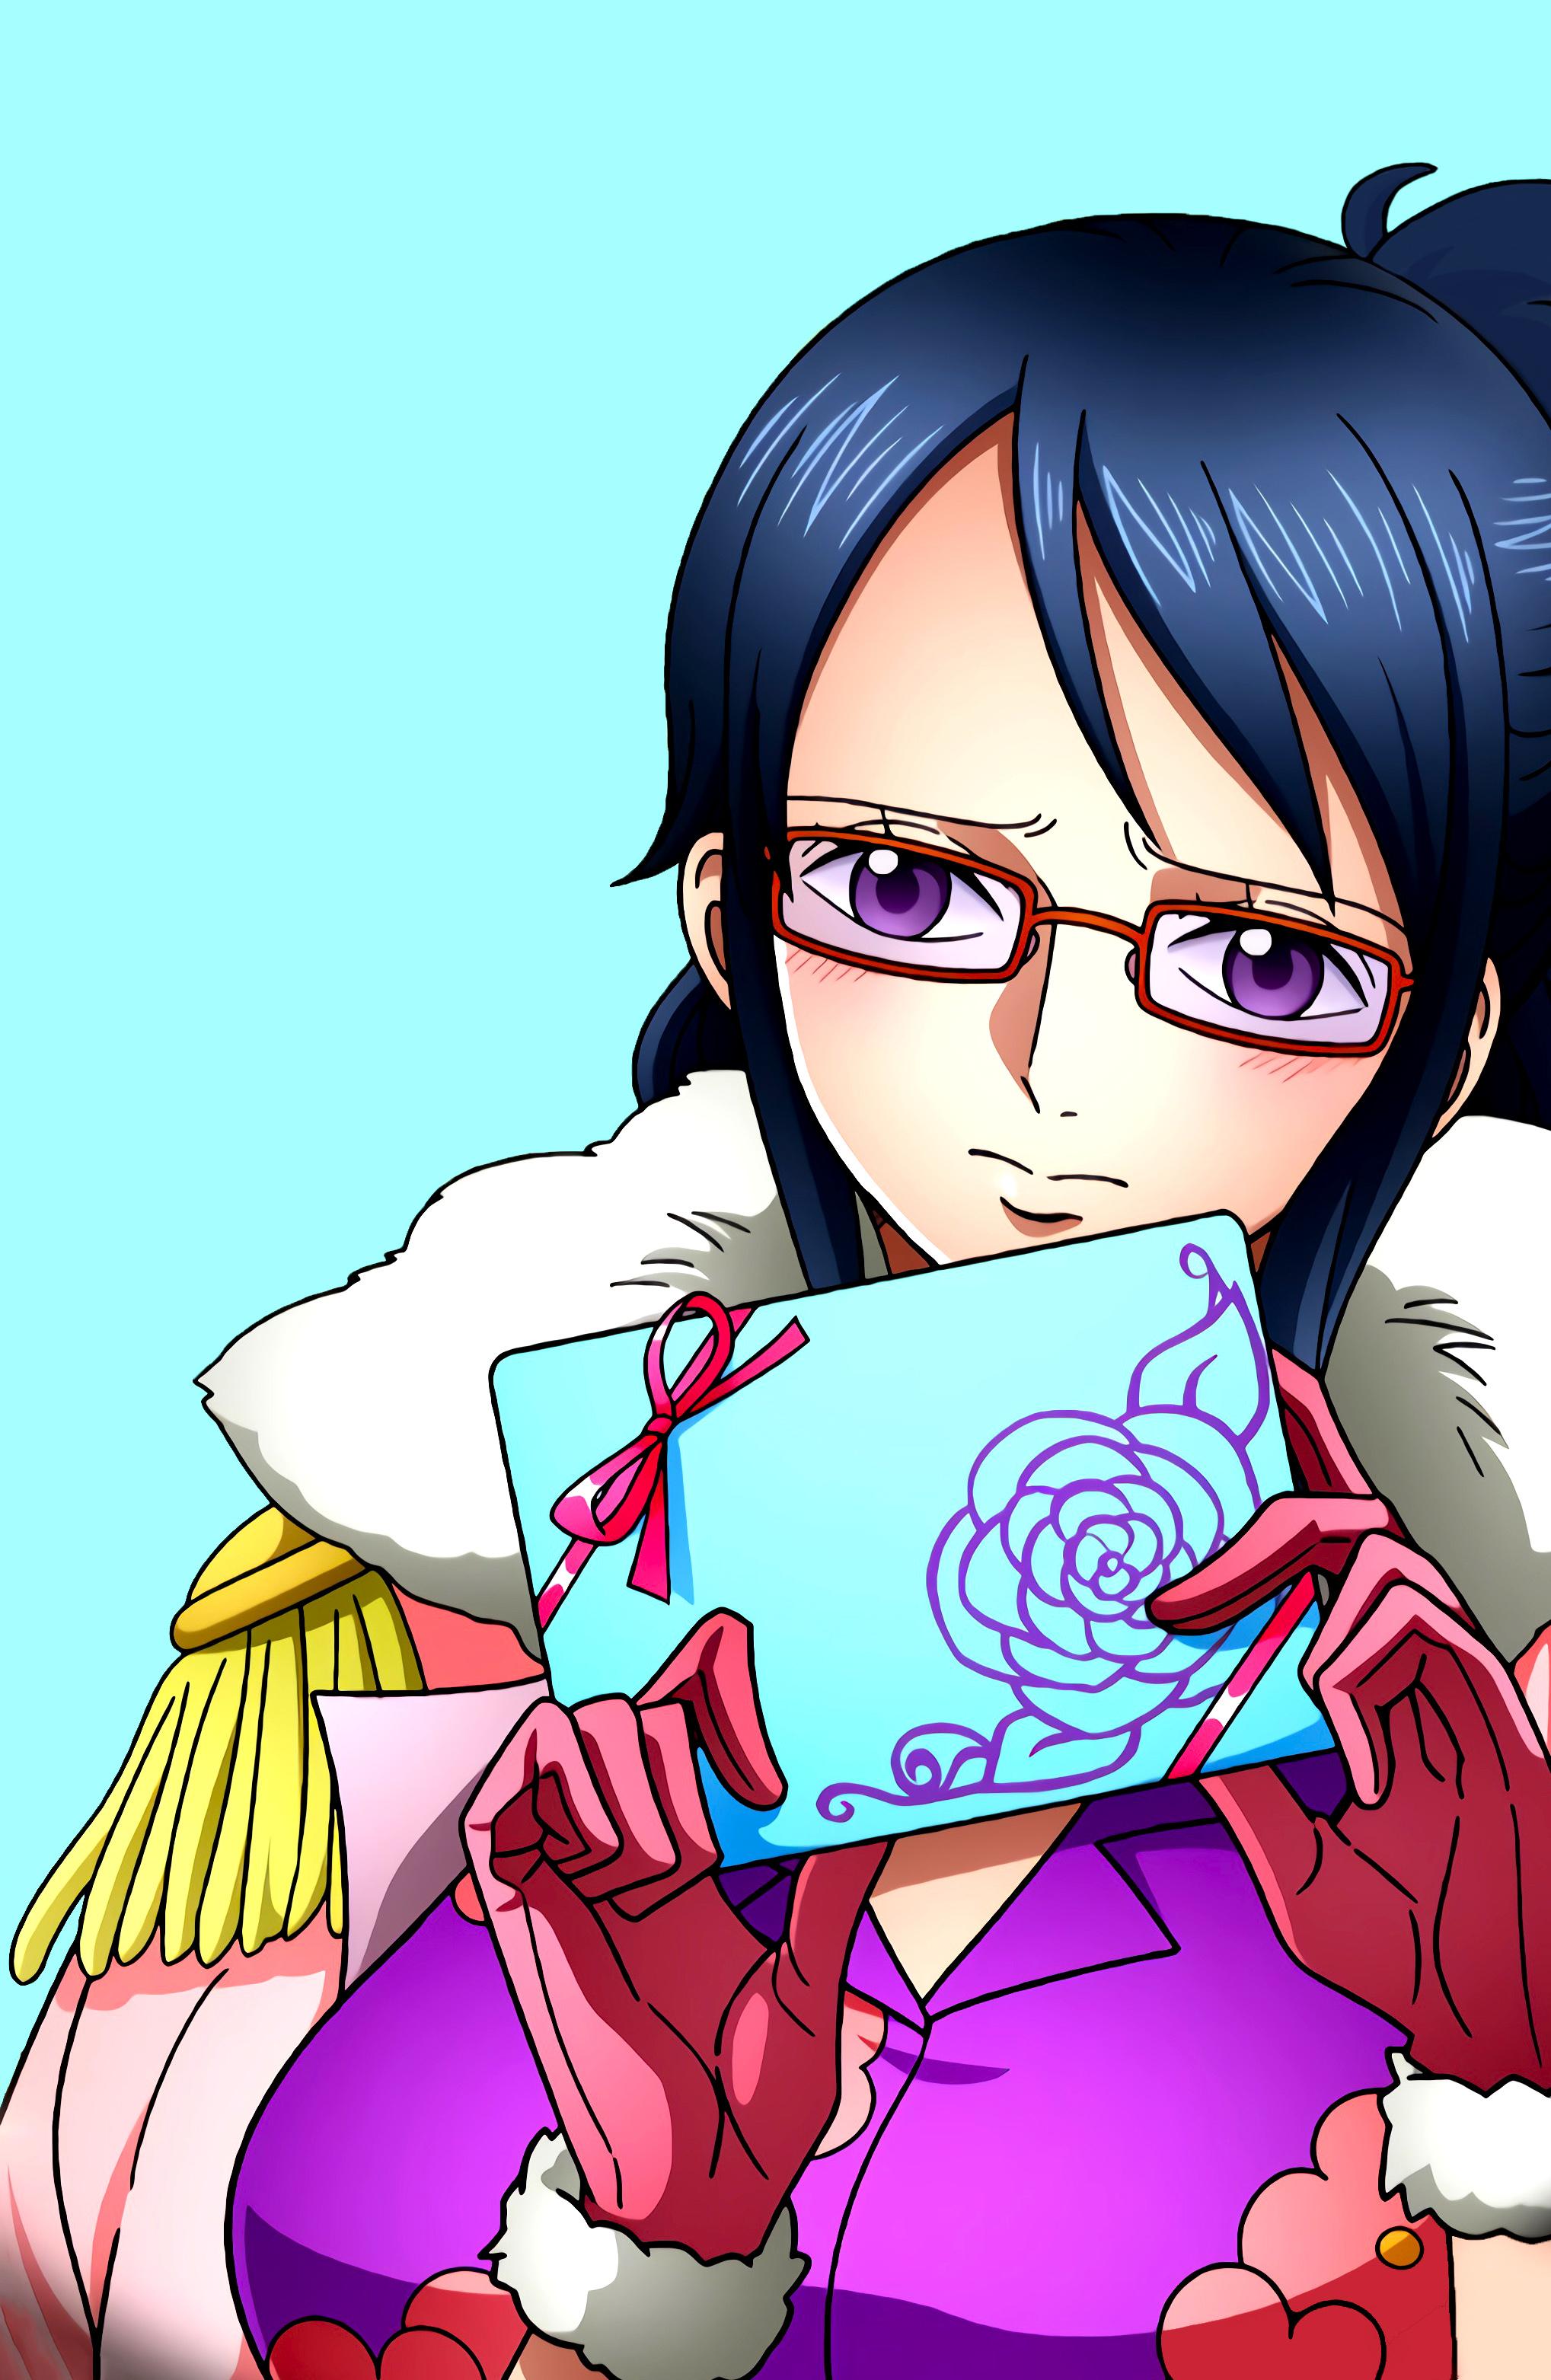 Tashigi - ONE PIECE - Image #2313005 - Zerochan Anime ...